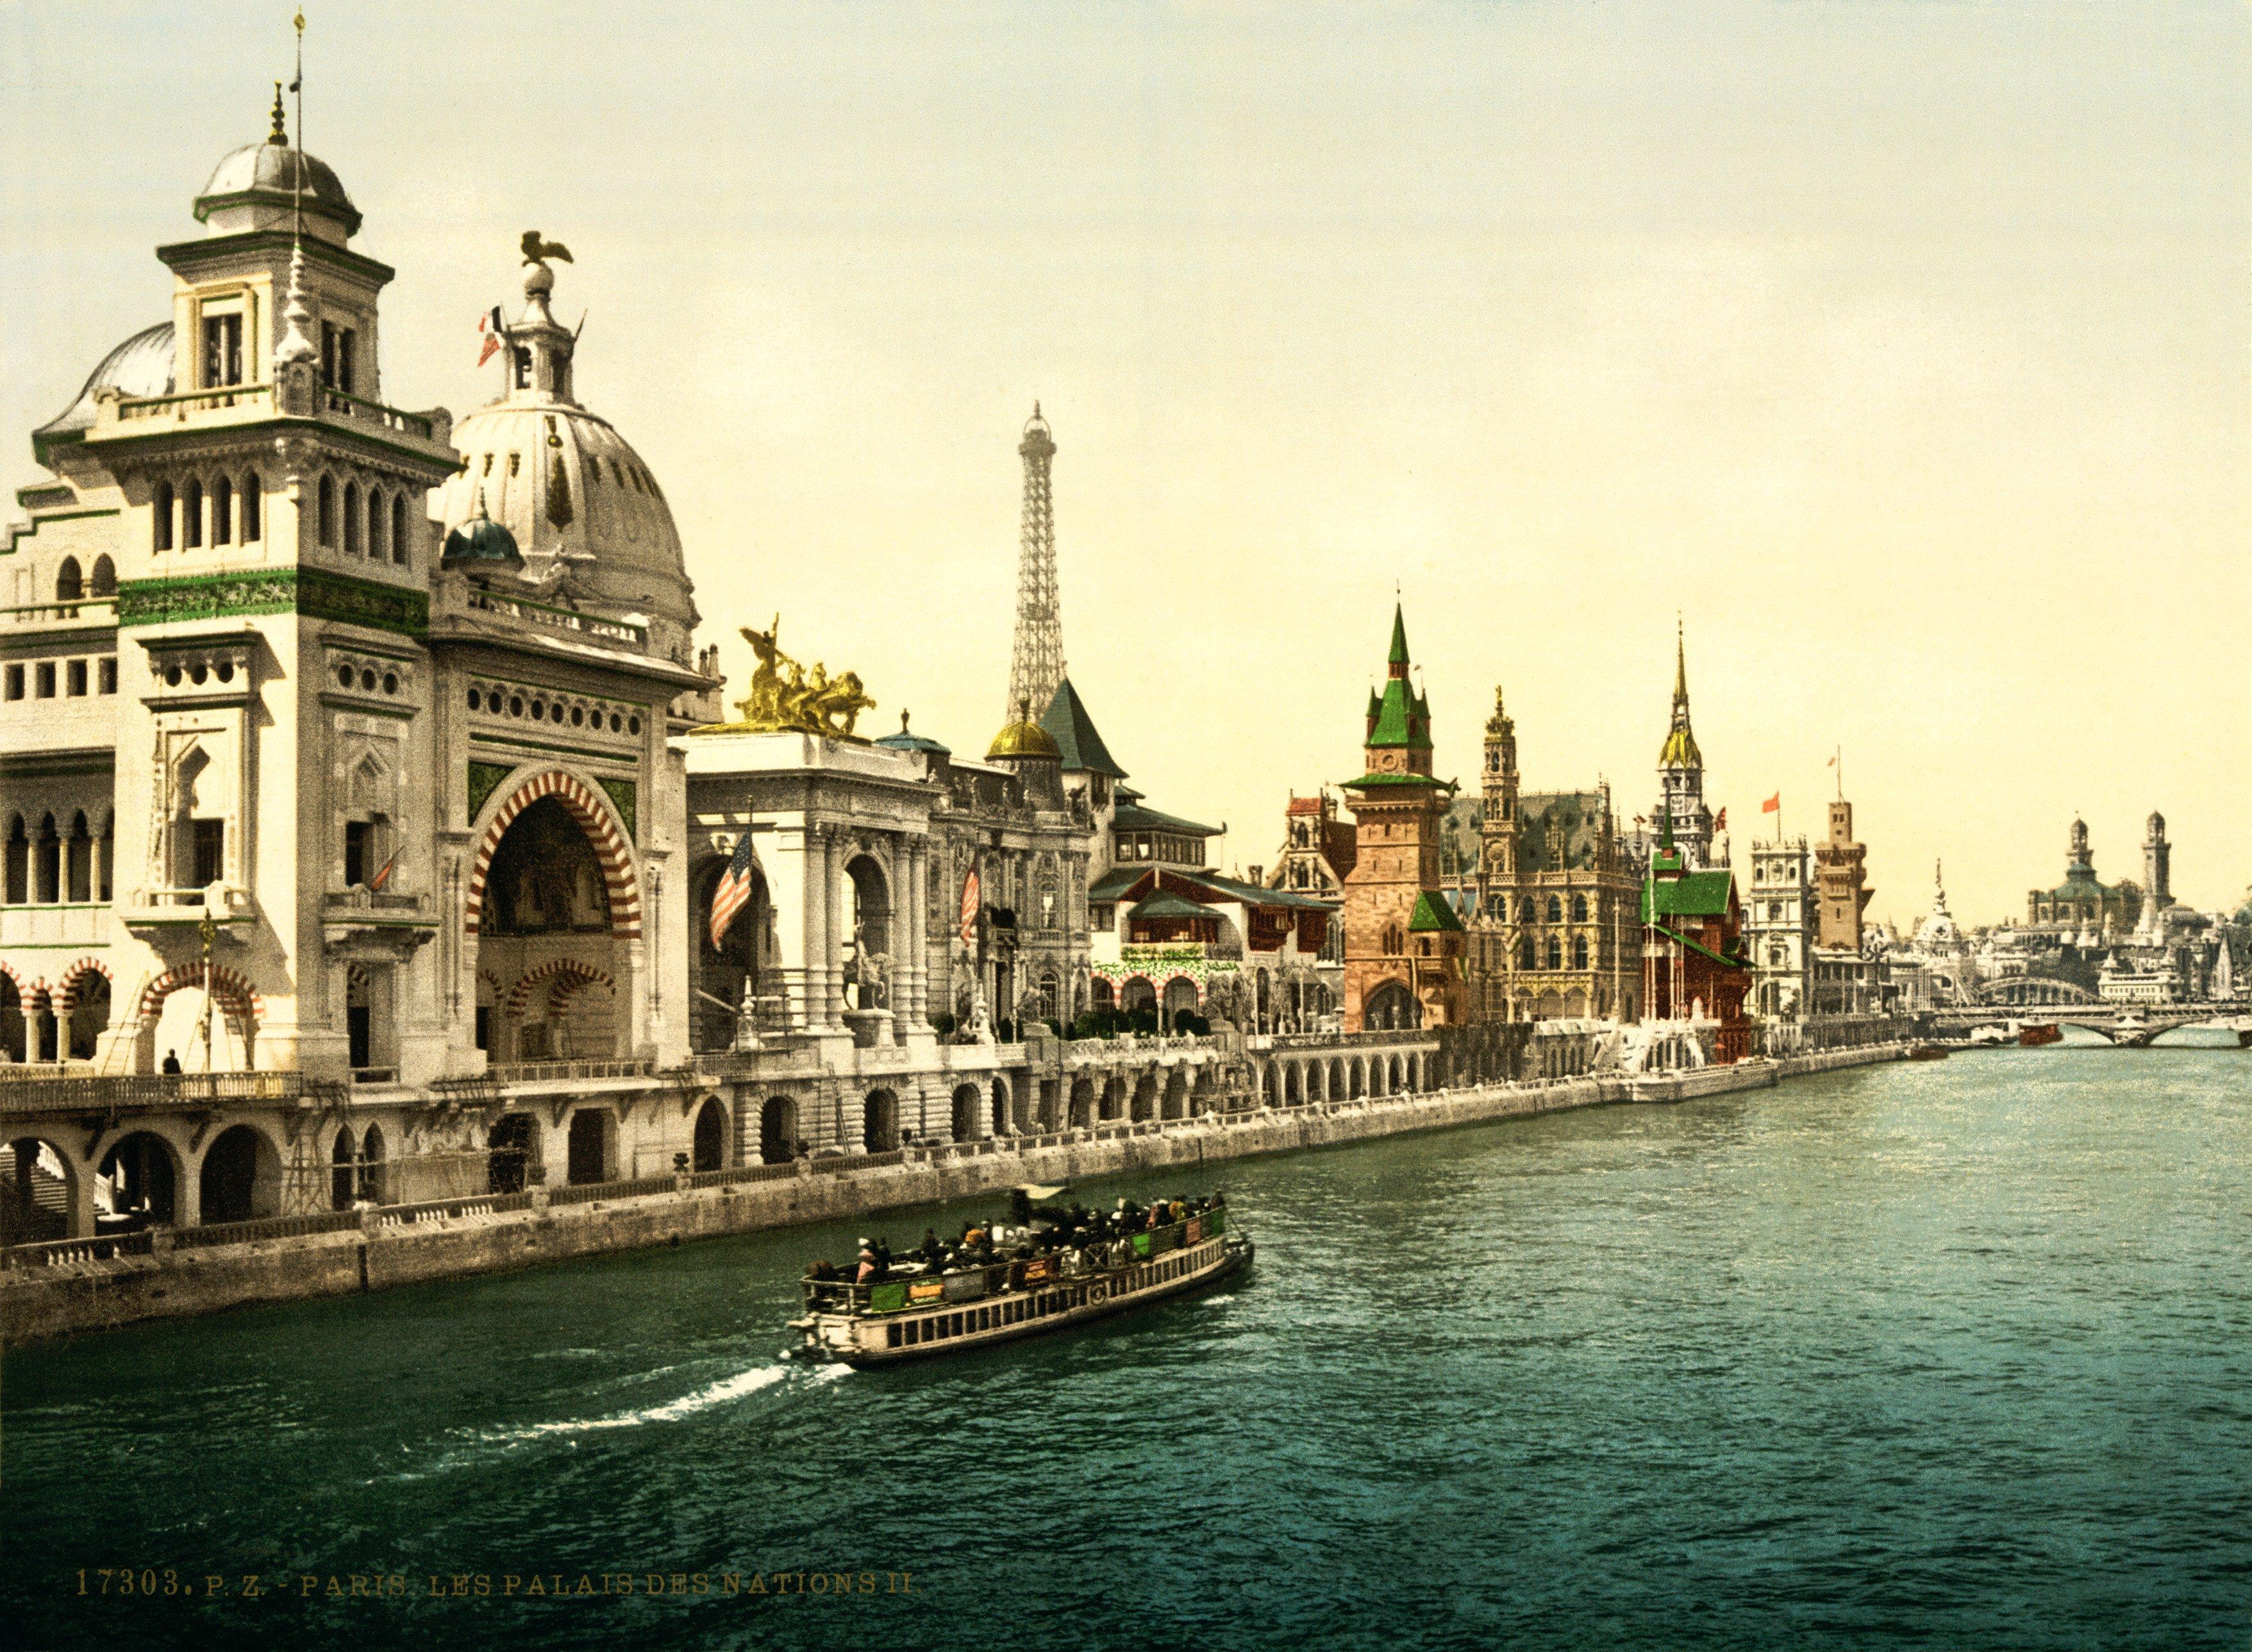 Palais_des_Nations,_Exposition_Universelle,_Paris,_France,_1900